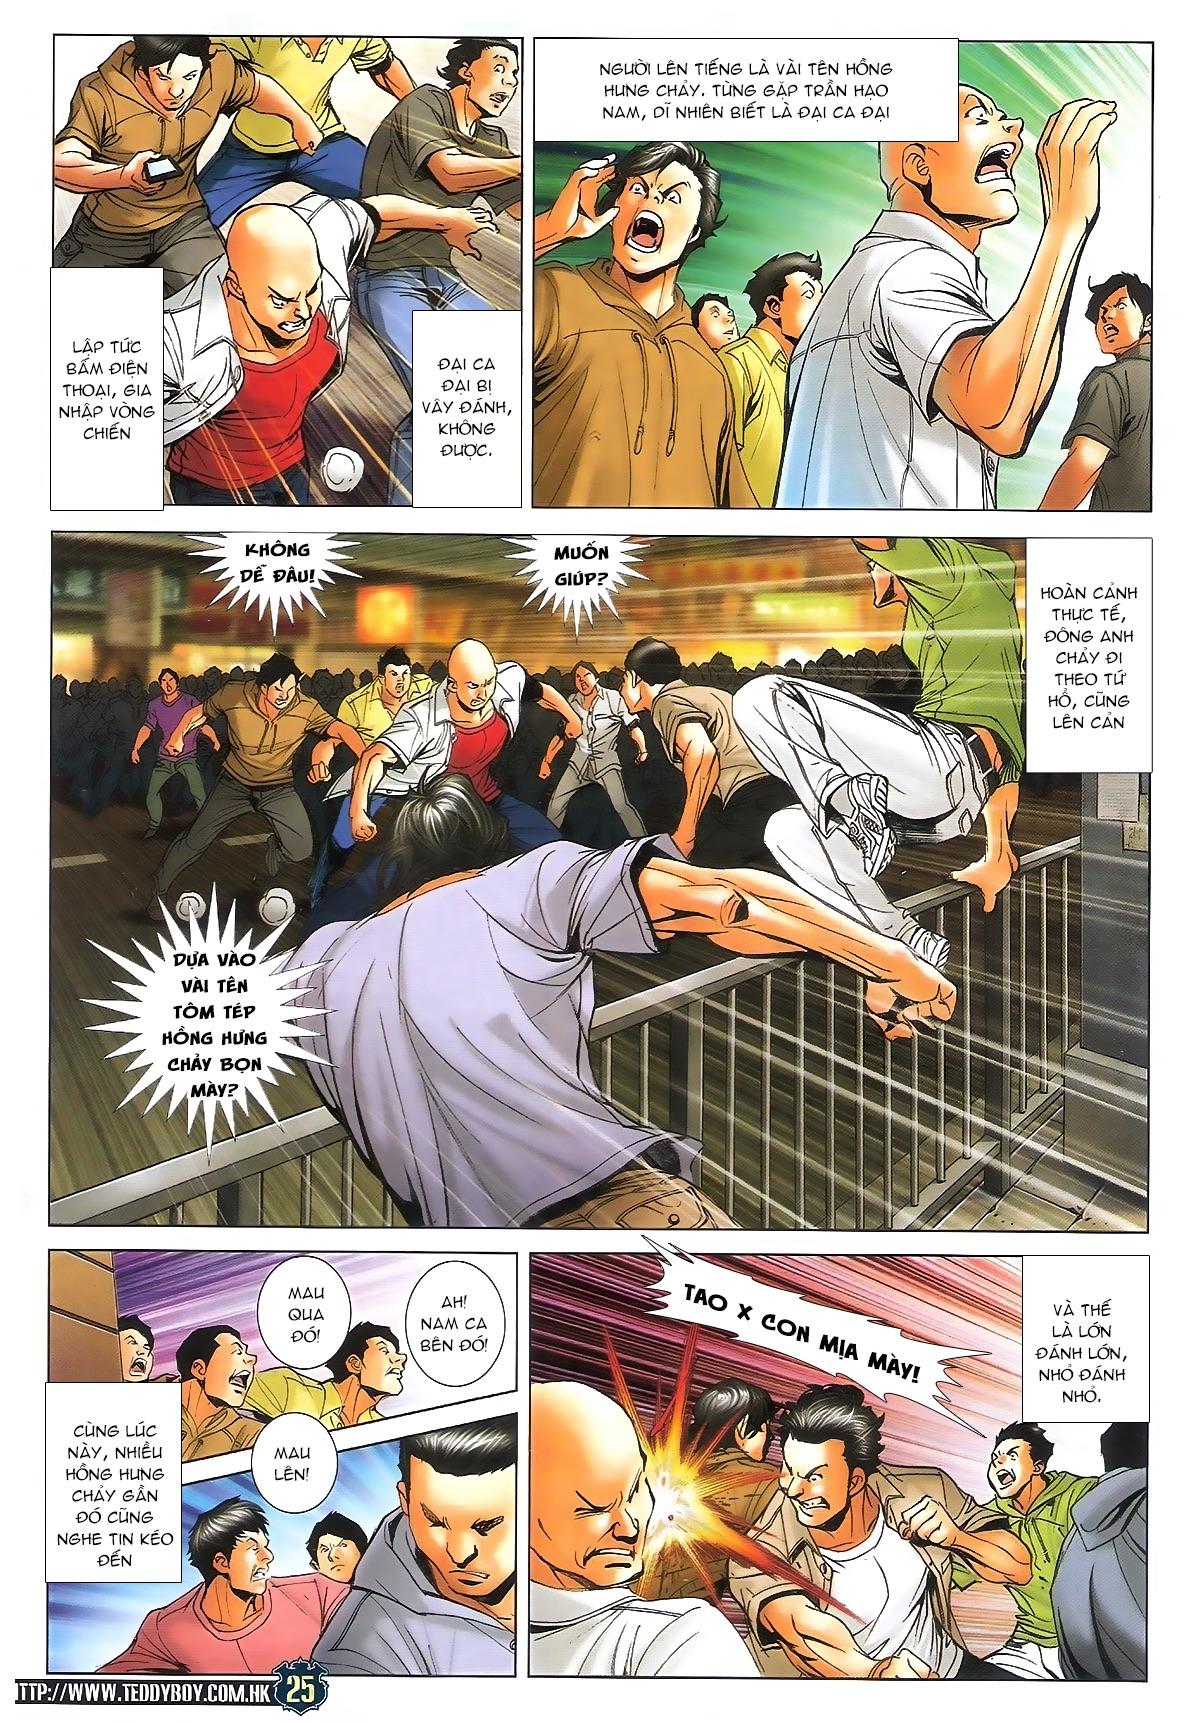 Người Trong Giang Hồ - Ngũ Hổ qui thiên - Chapter 1712: Đông Anh rúng động - Pic 21